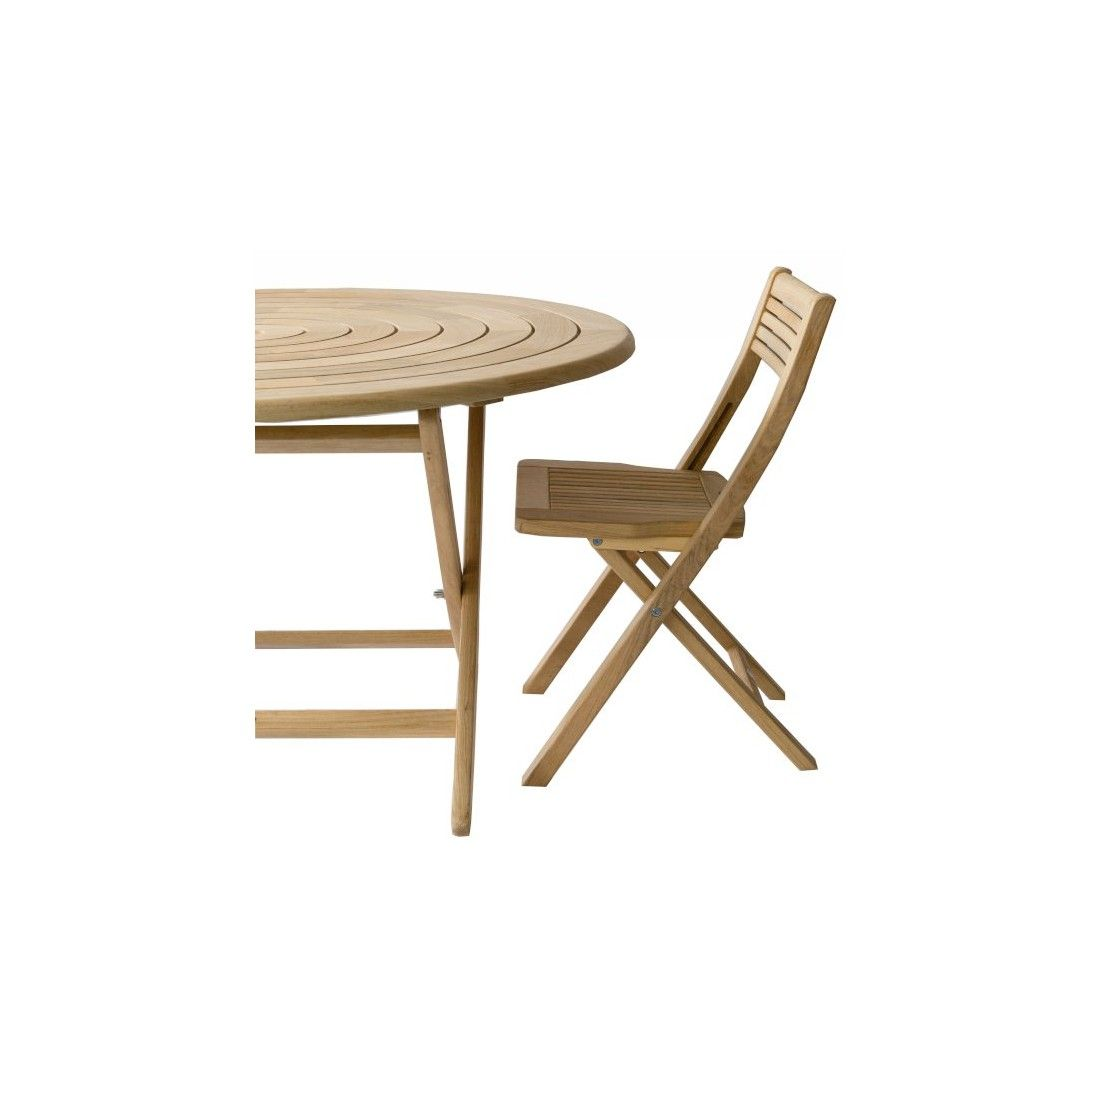 Table de jardin pliante et ronde 130 cm en bois massif, haut de gamme